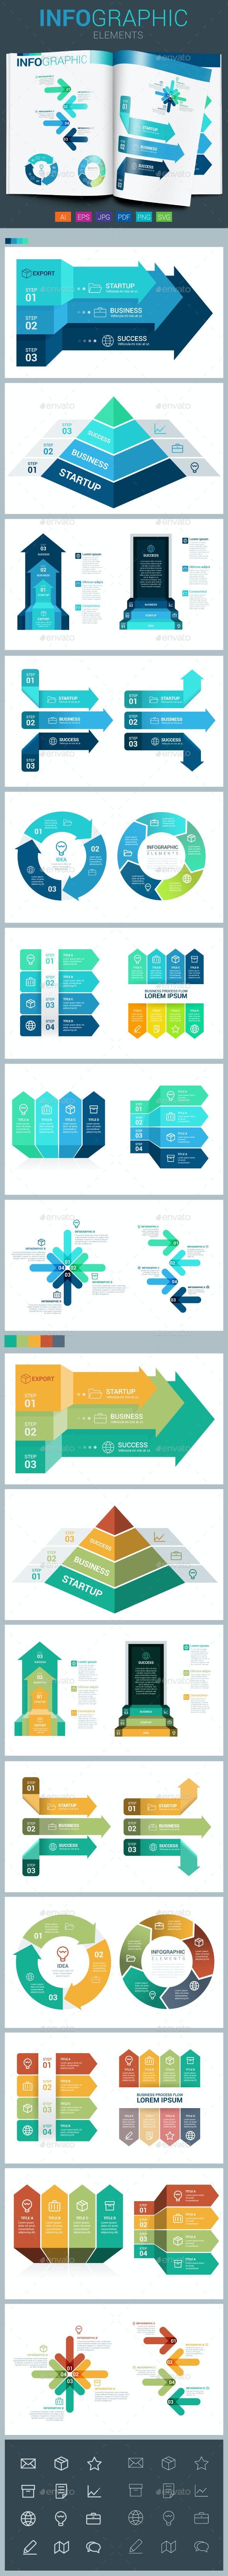 Infographic Elements - Arrow - Infographics